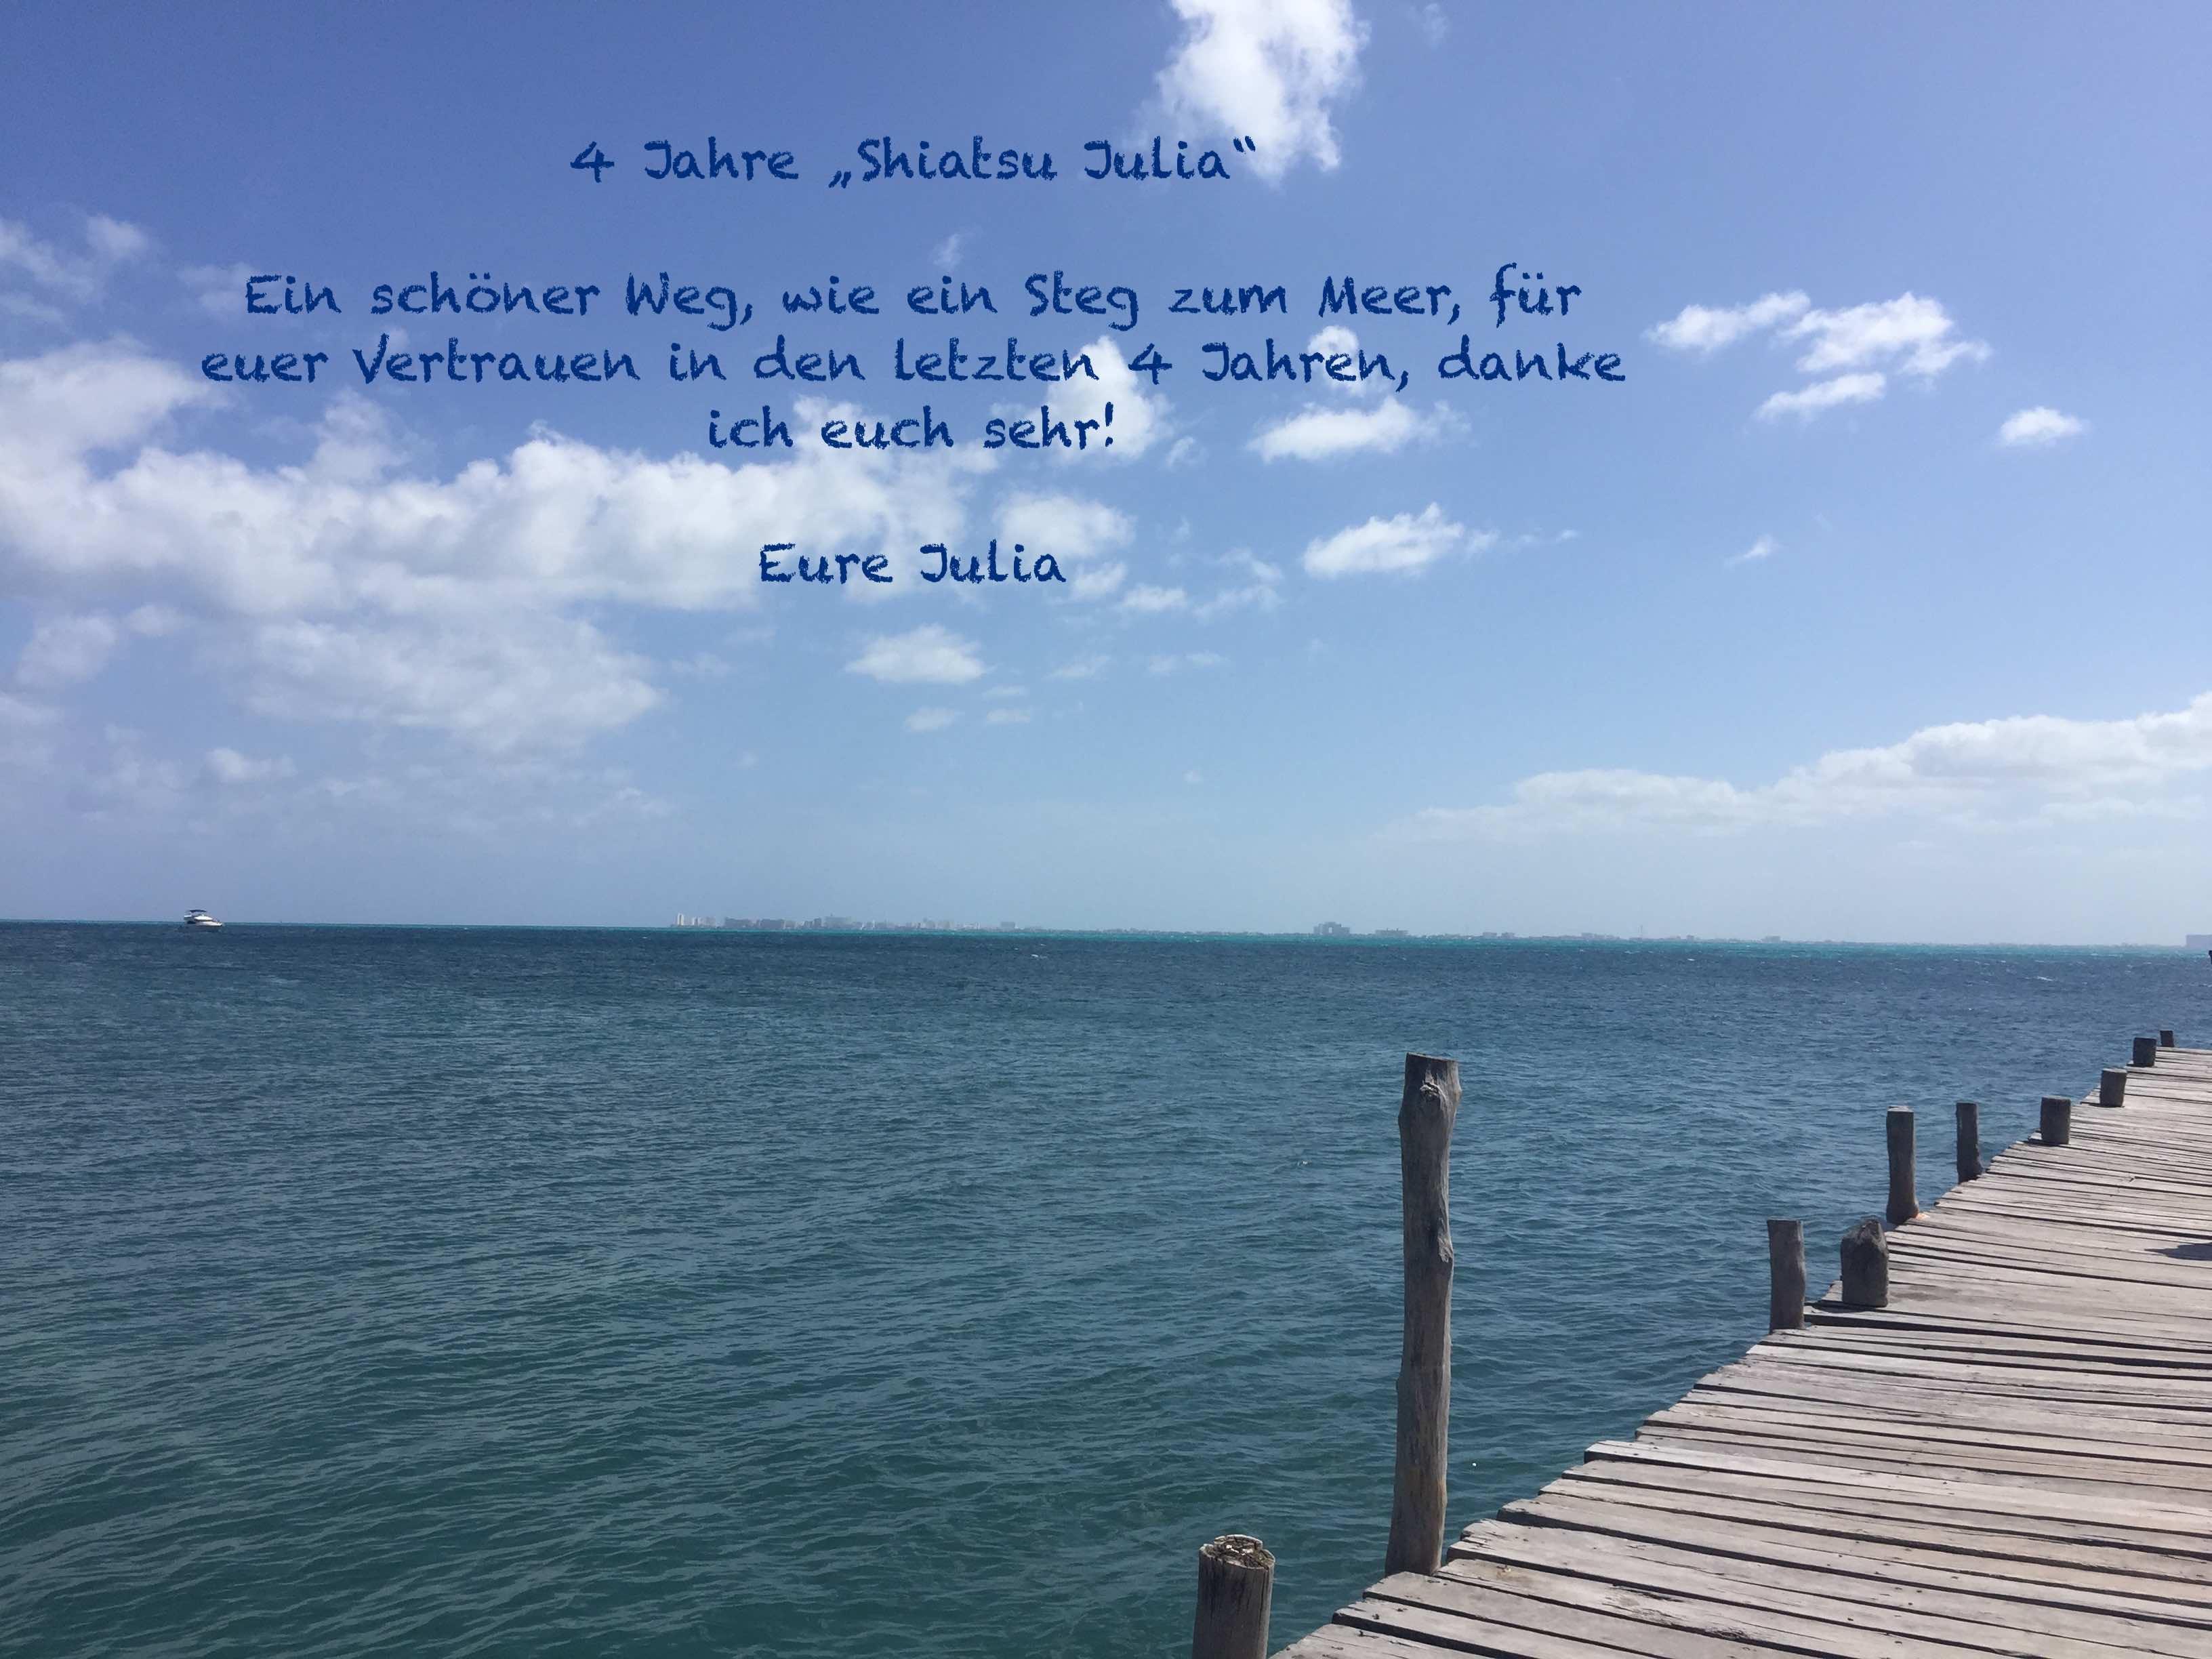 4 Jahre Shiatsu Julia – Dankeschön!